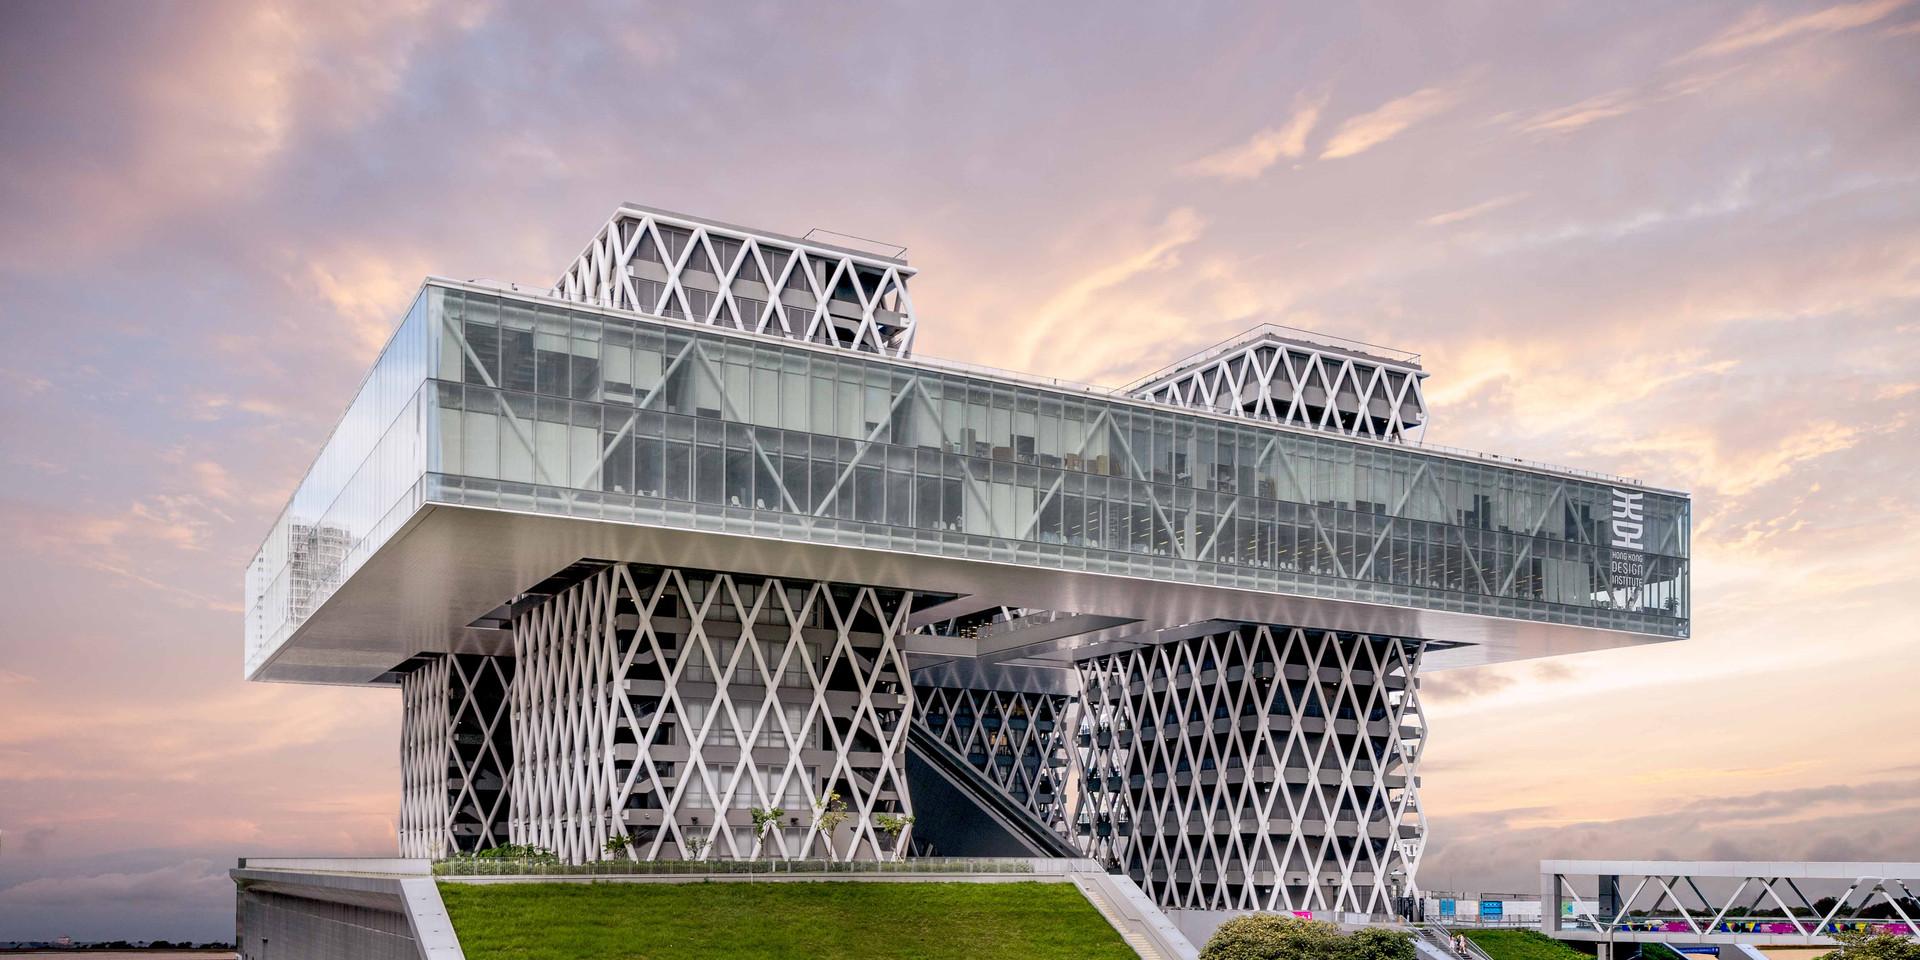 Institute of Design, Hong Kong